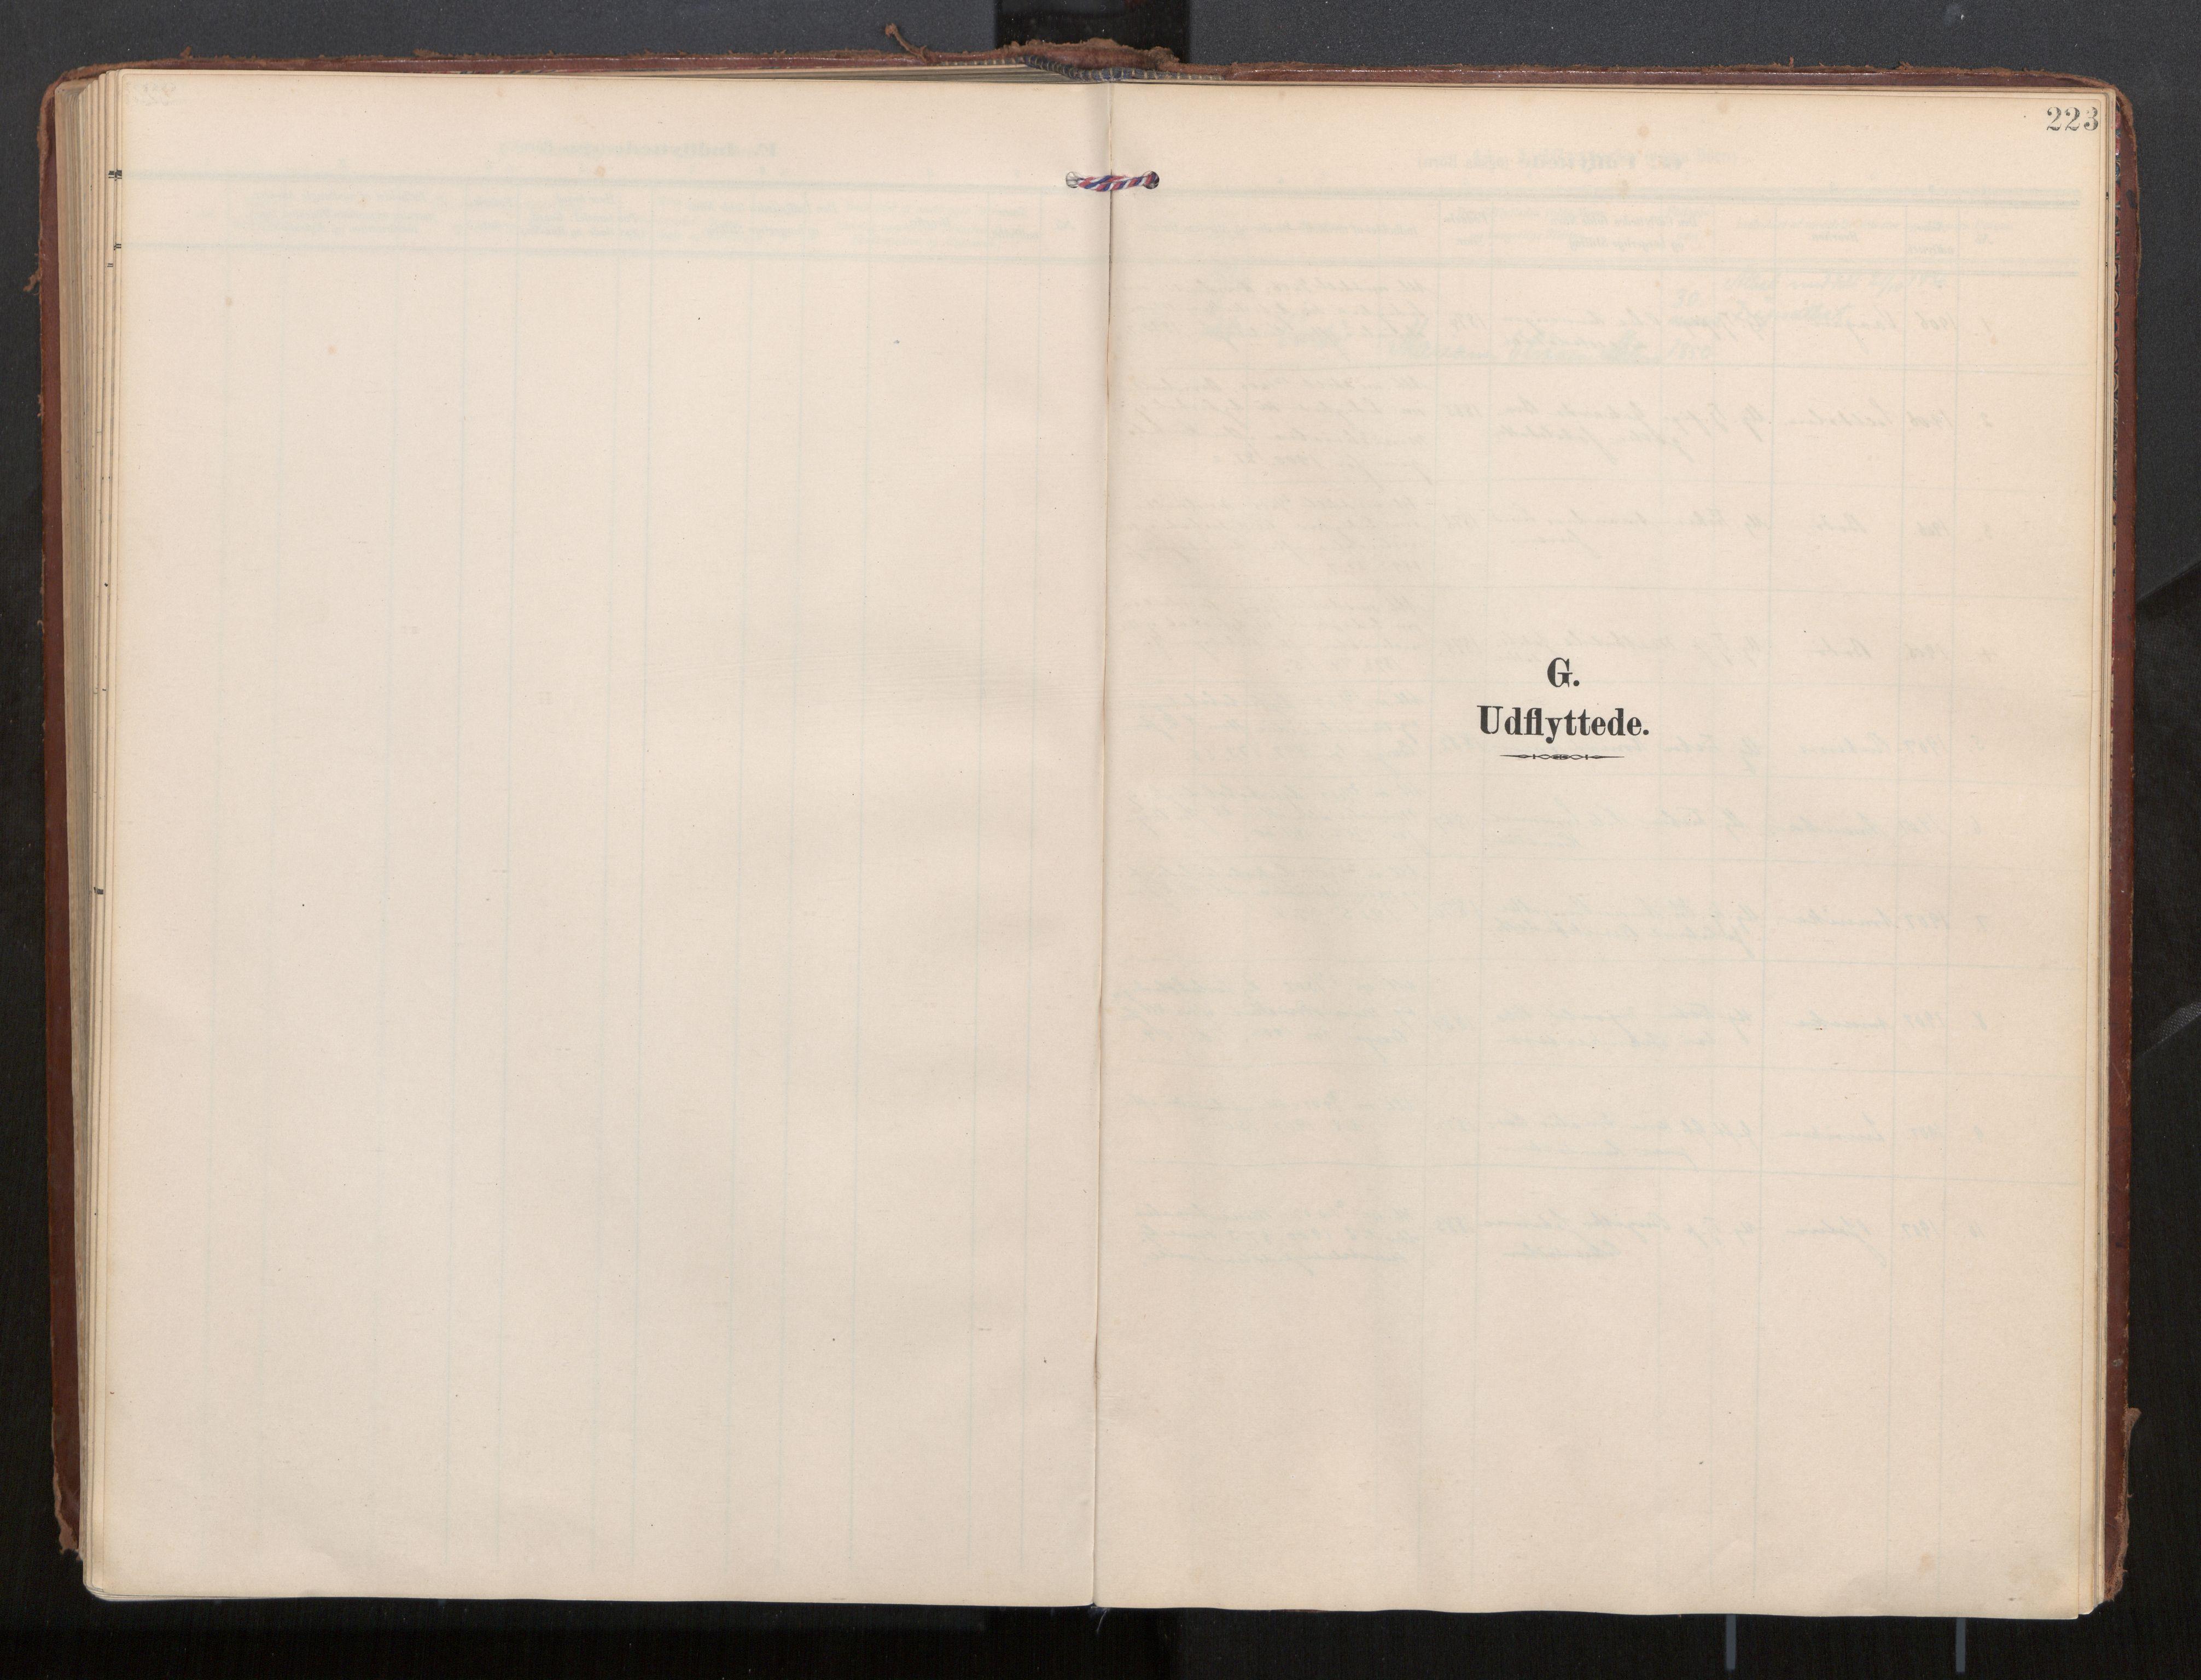 SAT, Ministerialprotokoller, klokkerbøker og fødselsregistre - Nordland, 884/L1194: Parish register (official) no. 884A02, 1906-1937, p. 223